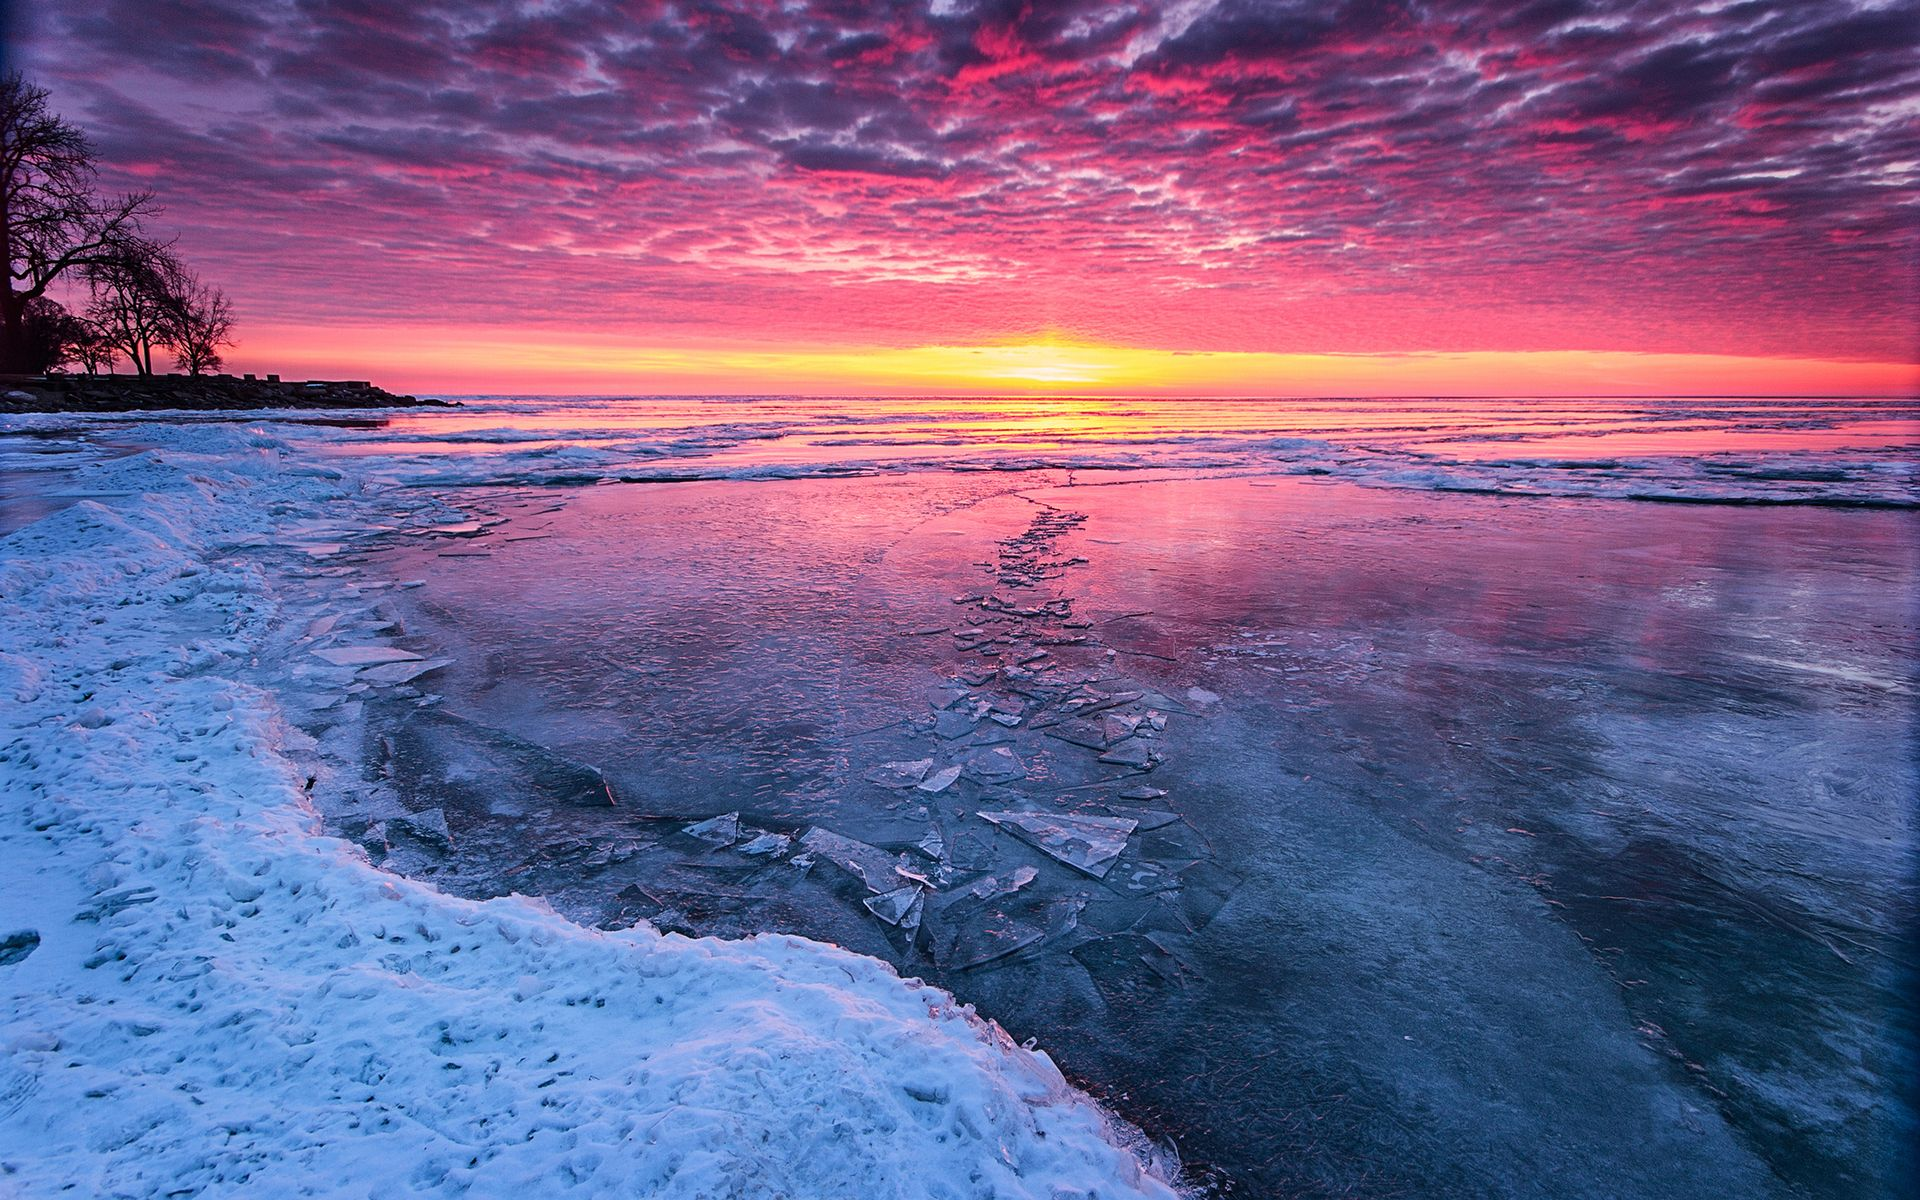 Shattered Shore Sunset Wallpaper Beach Wallpaper Lake Sunset Wallpaper sea dusk mountains sunset lake